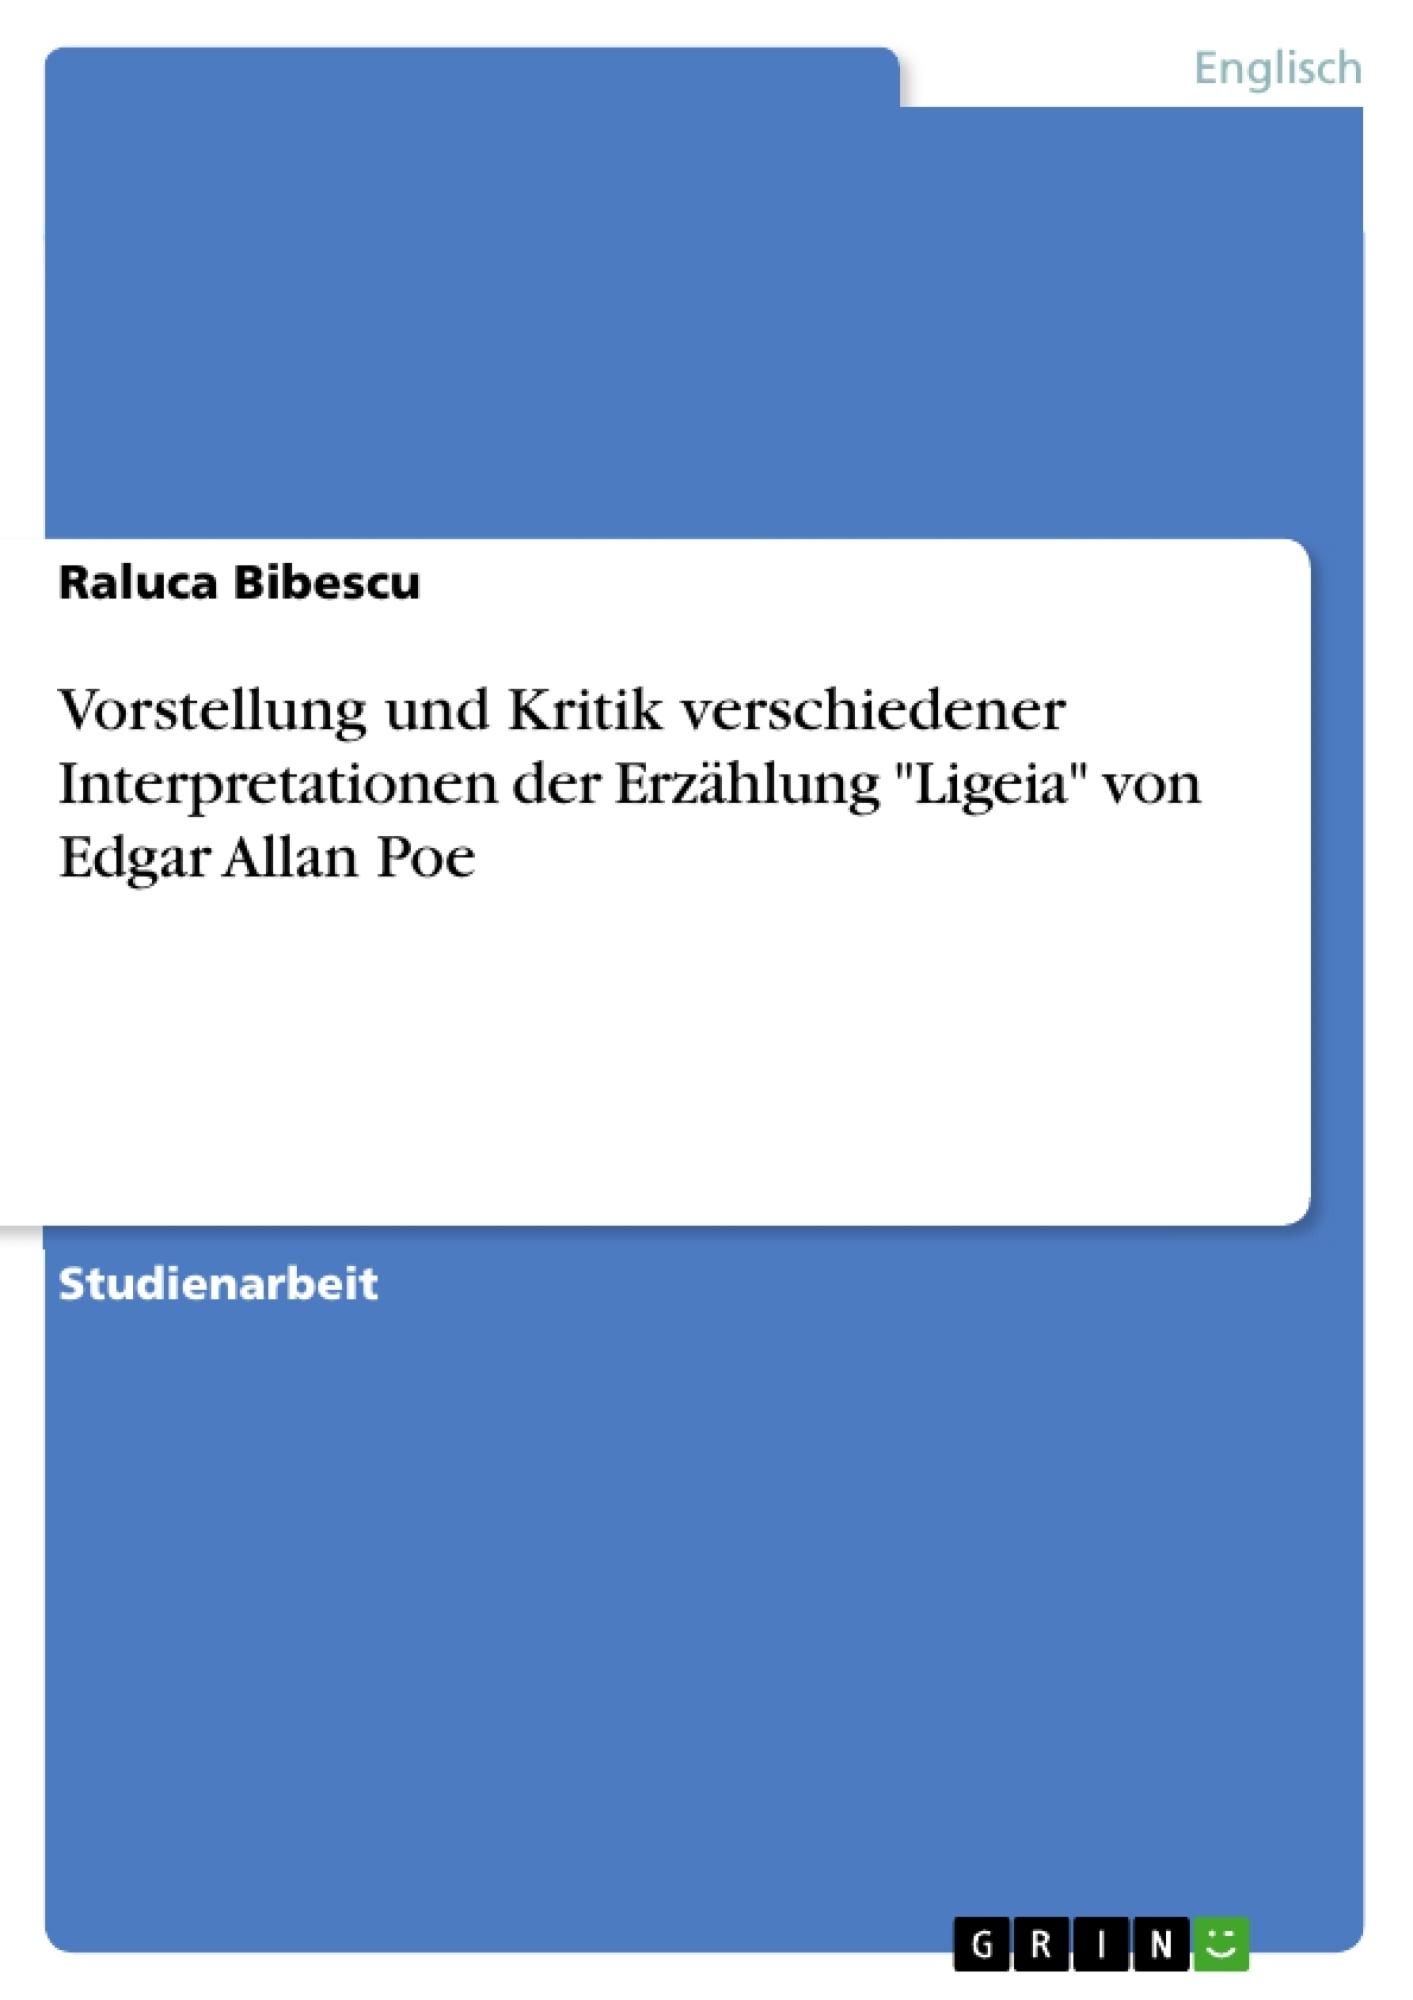 """Titel: Vorstellung und Kritik verschiedener Interpretationen der Erzählung """"Ligeia"""" von Edgar Allan Poe"""